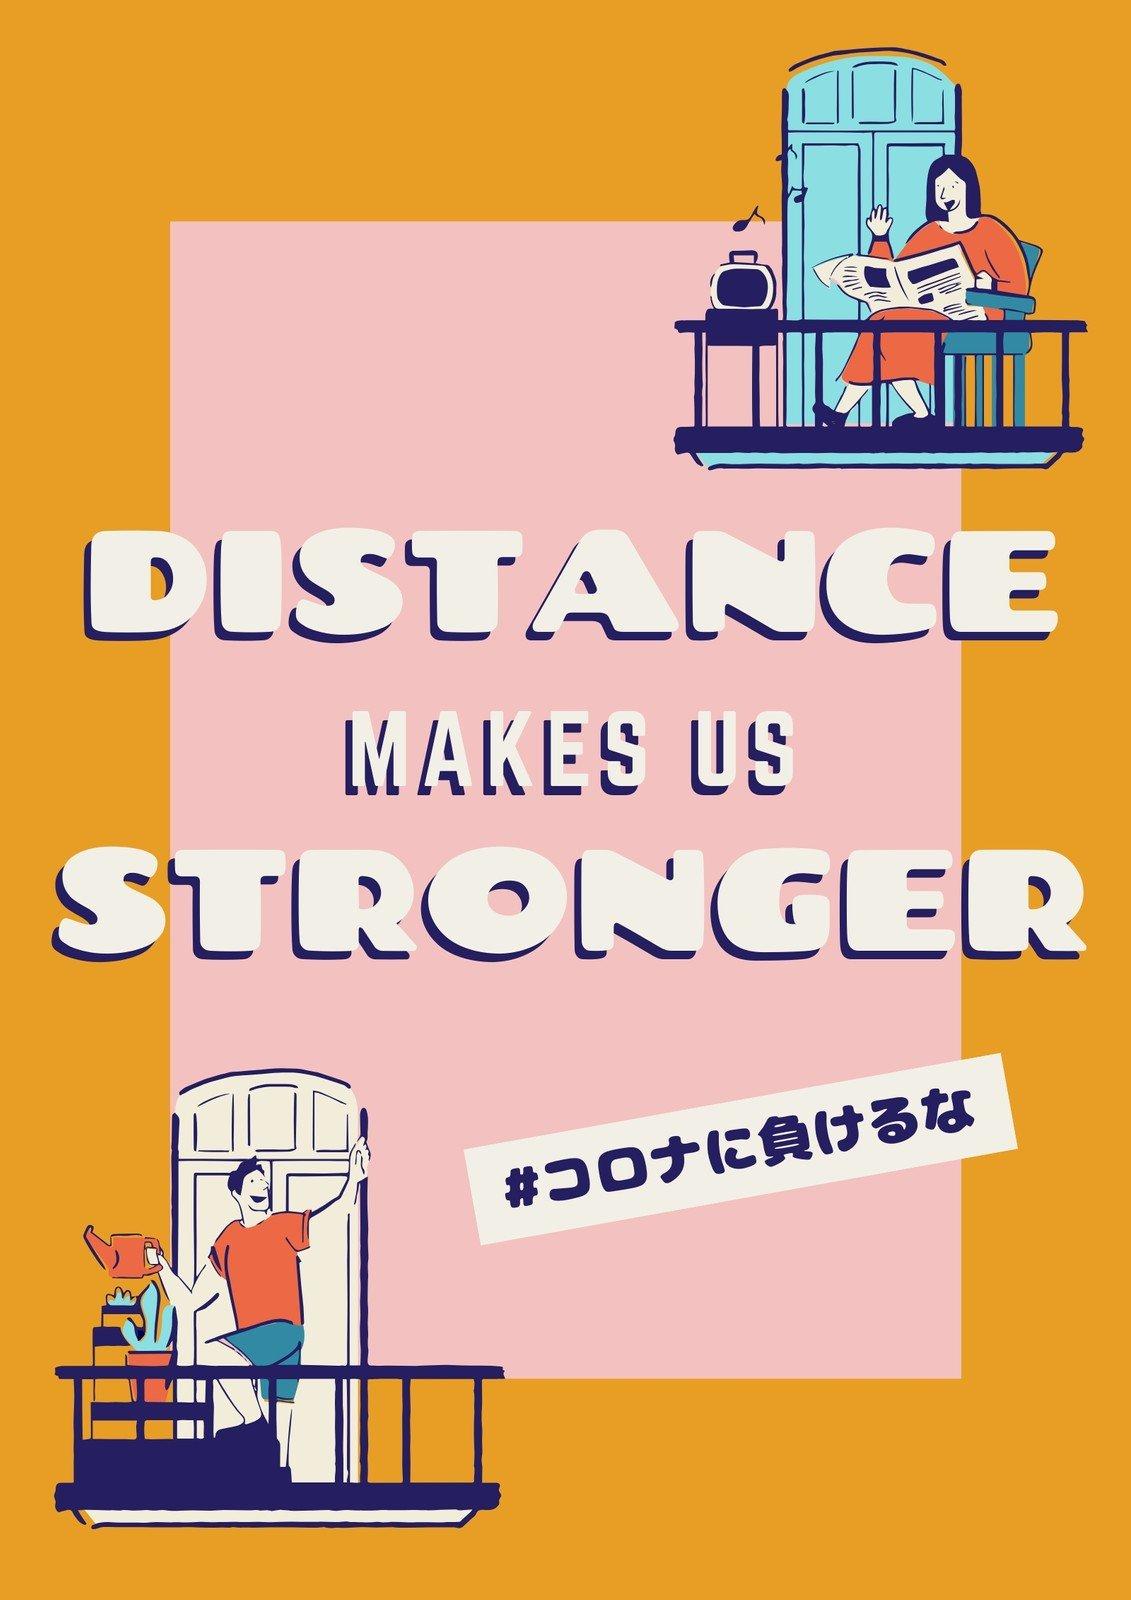 ピンクとオレンジのボーダーストップスプレッドのポスター